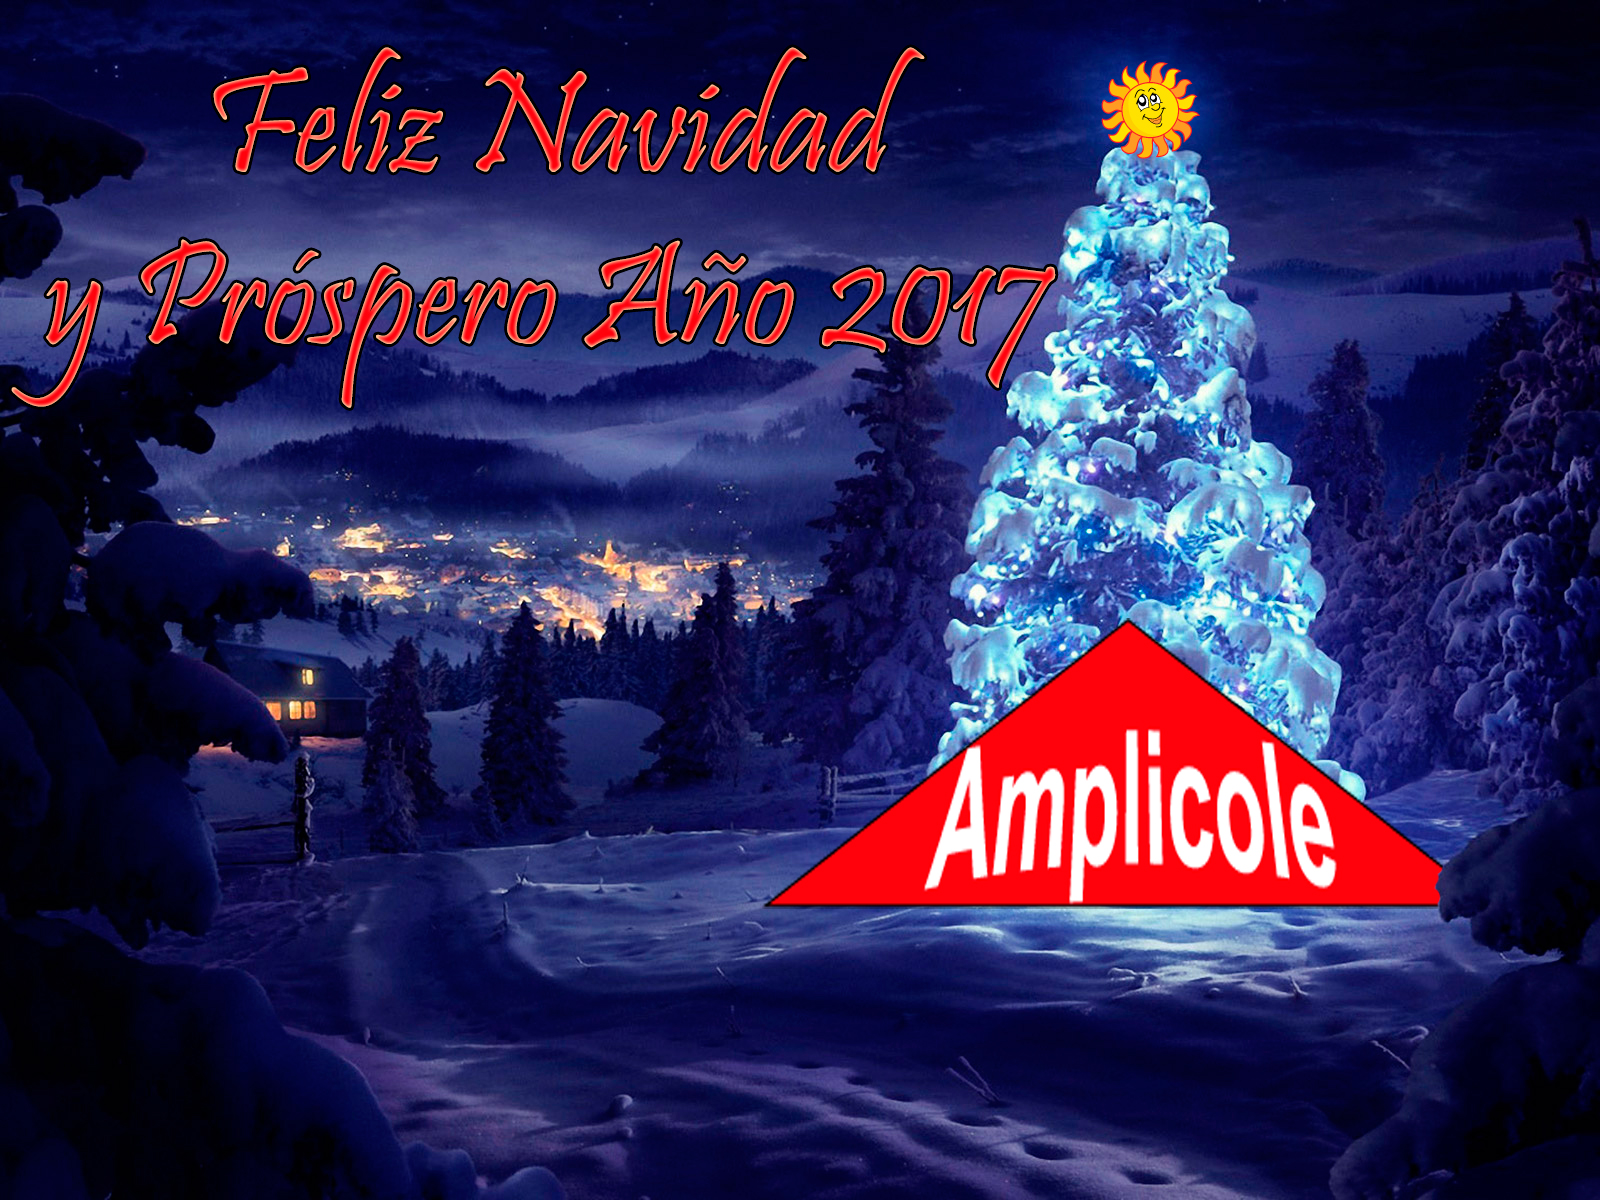 Felices Fiestas de Amplicole